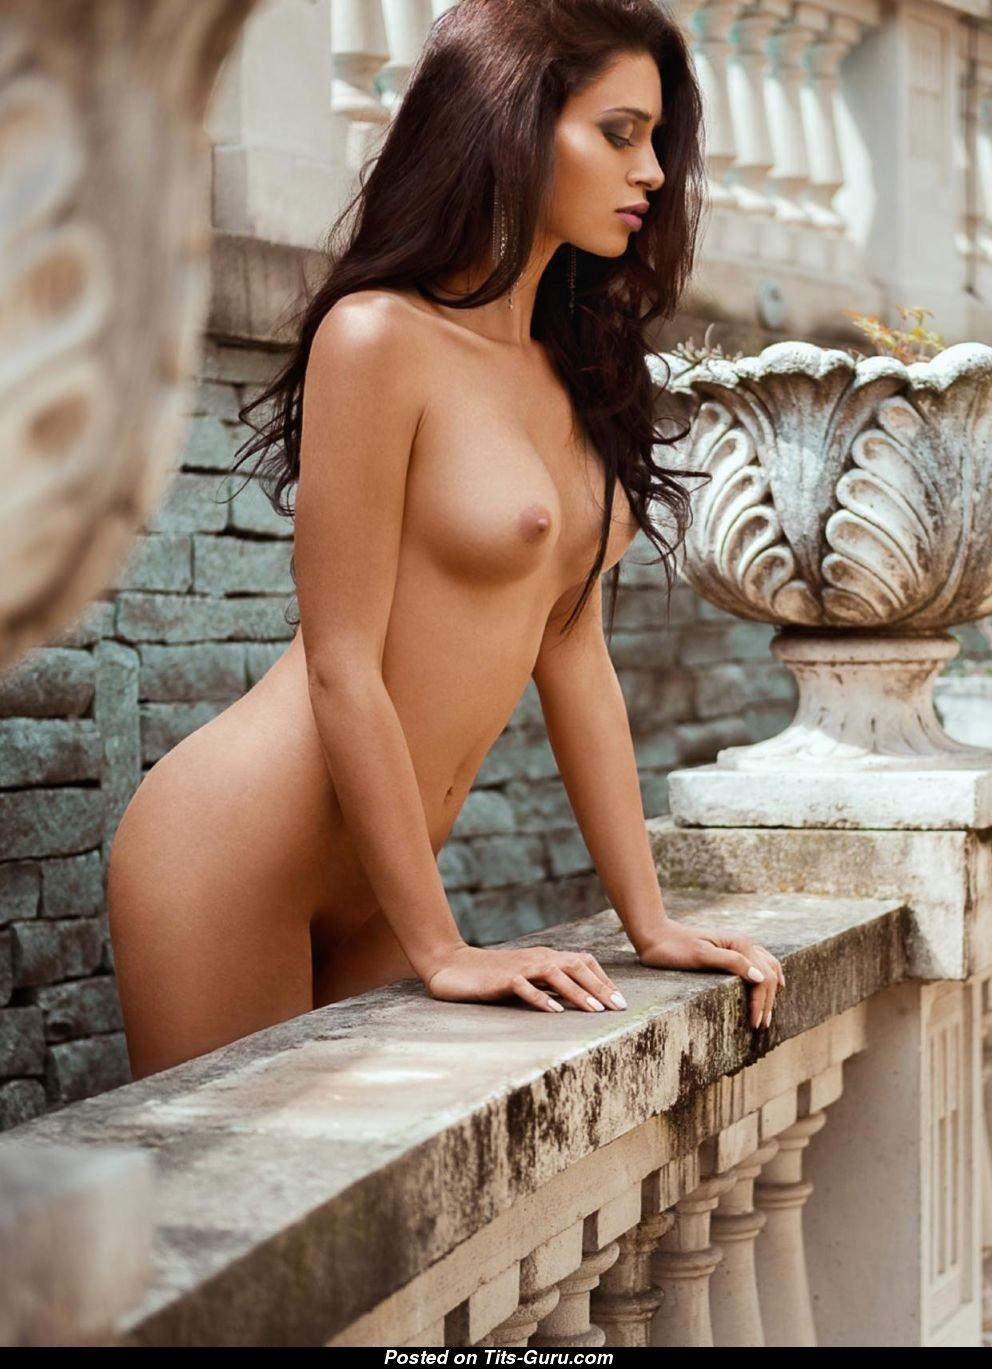 Italian model natalina marie shows curves